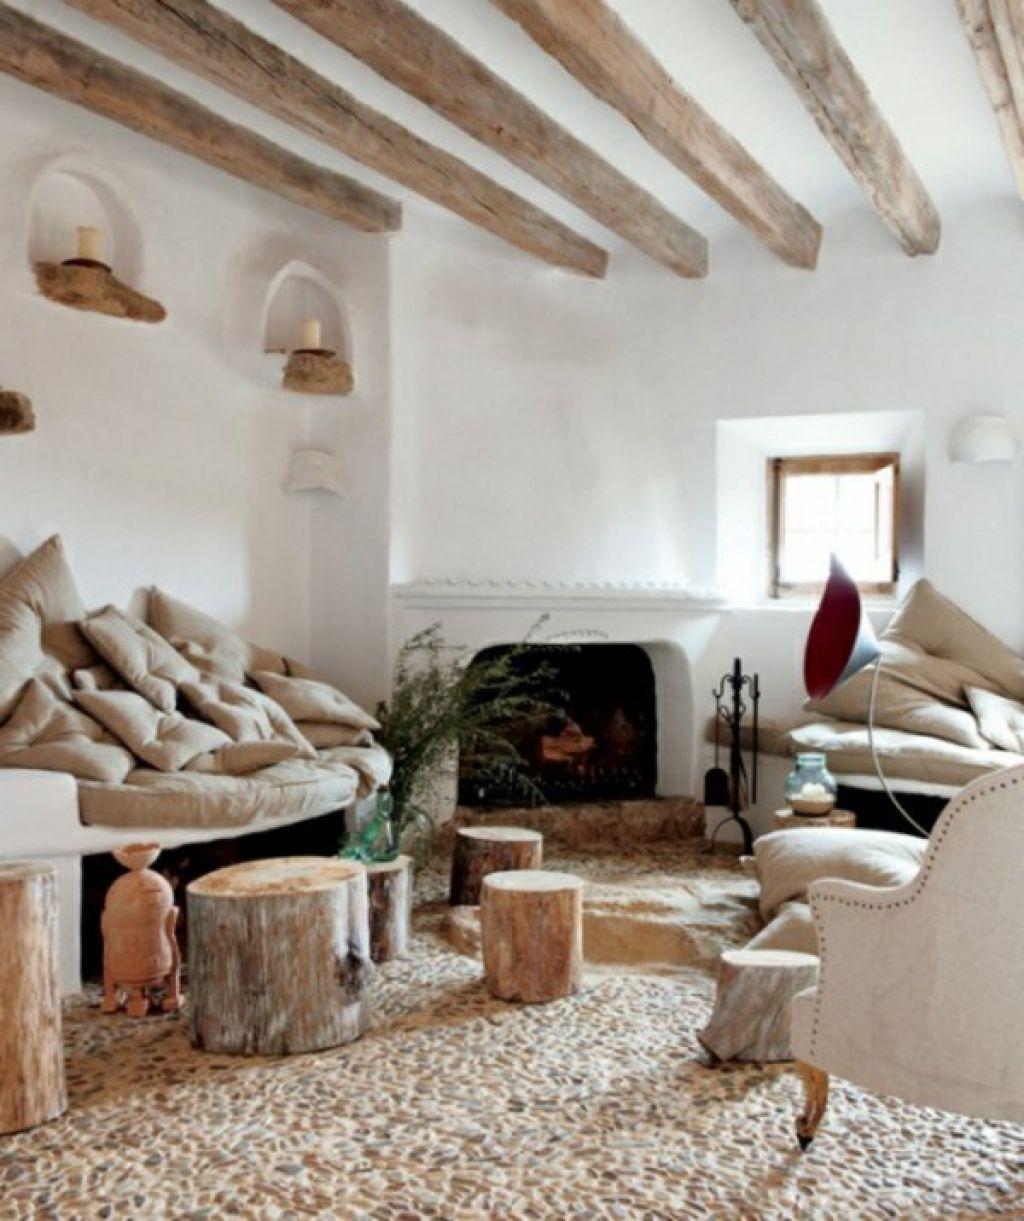 dekoideen wohnzimmer selber machen 21 kreative deko ideen aus, Wohnzimmer